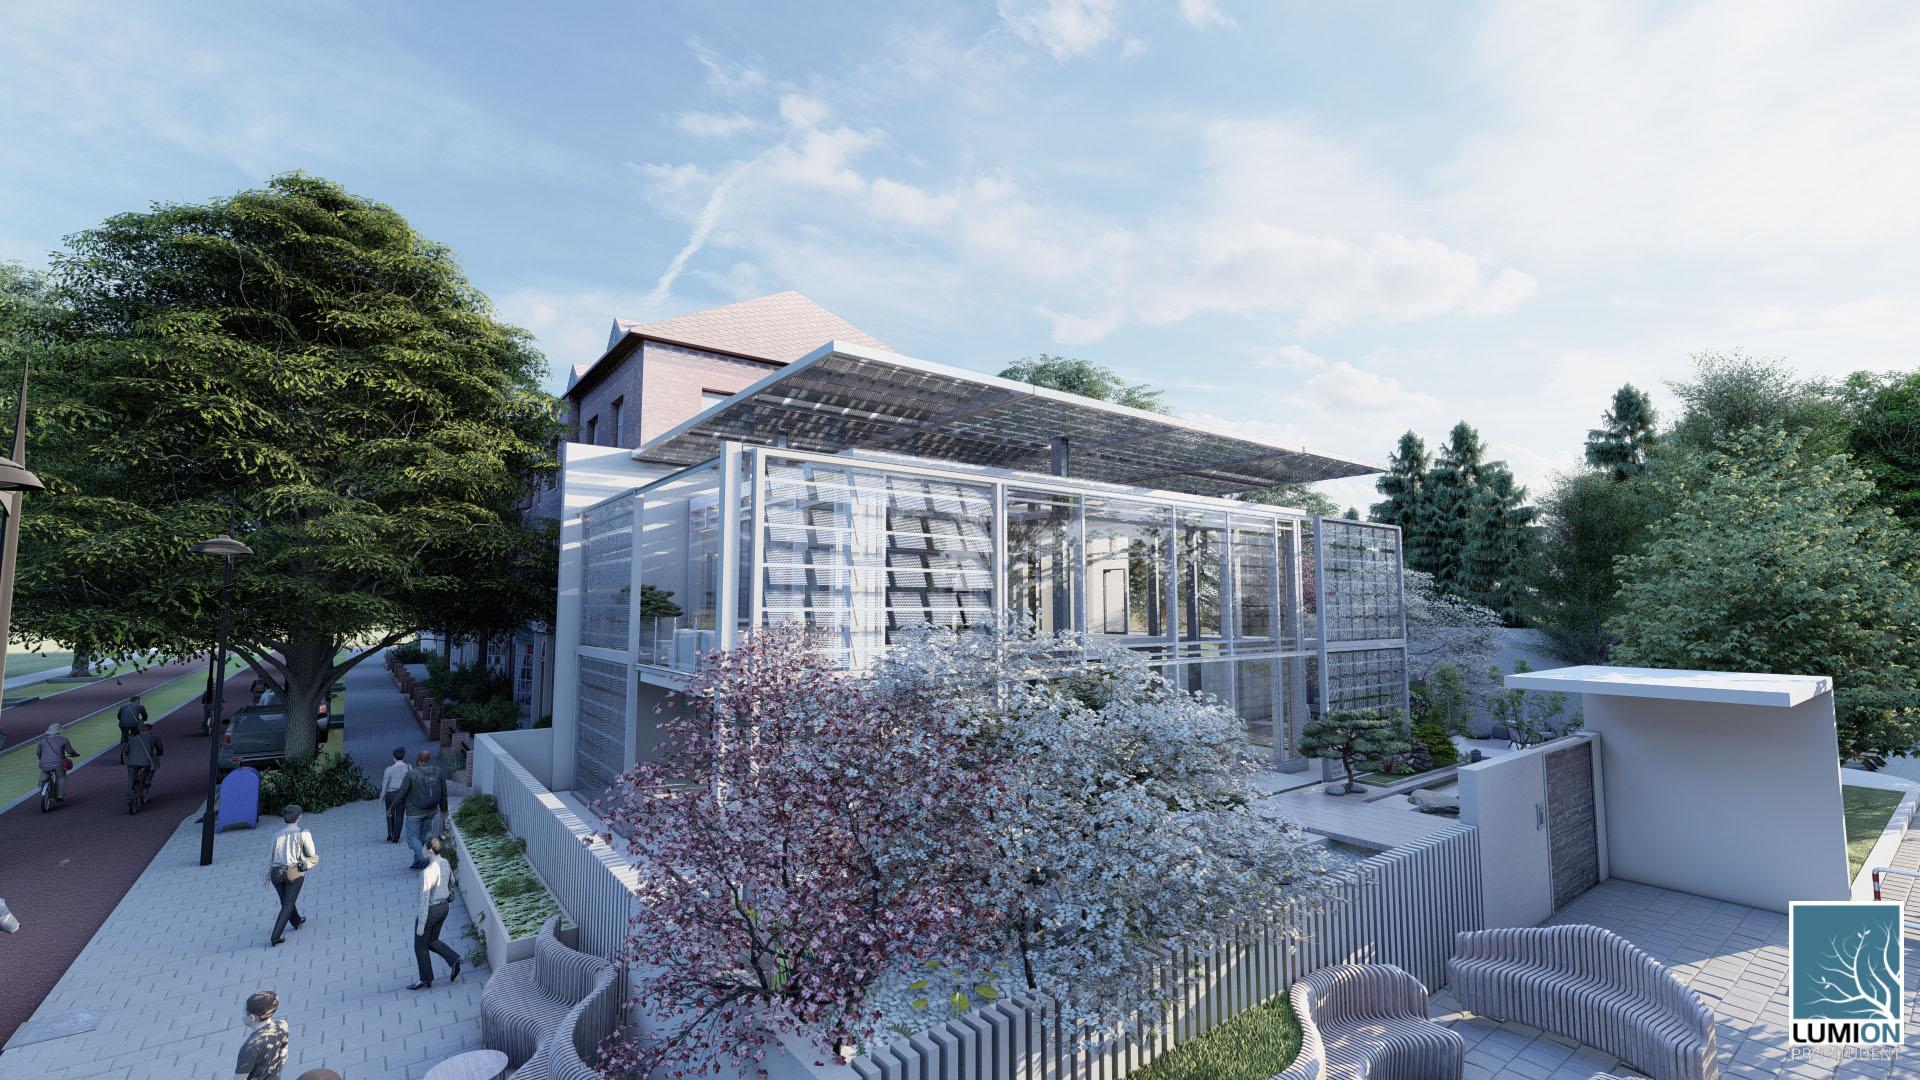 RENDER 2 Schiebehaus Studente Lorenzo Fortunato classe 3G architettura prof. Anzalone